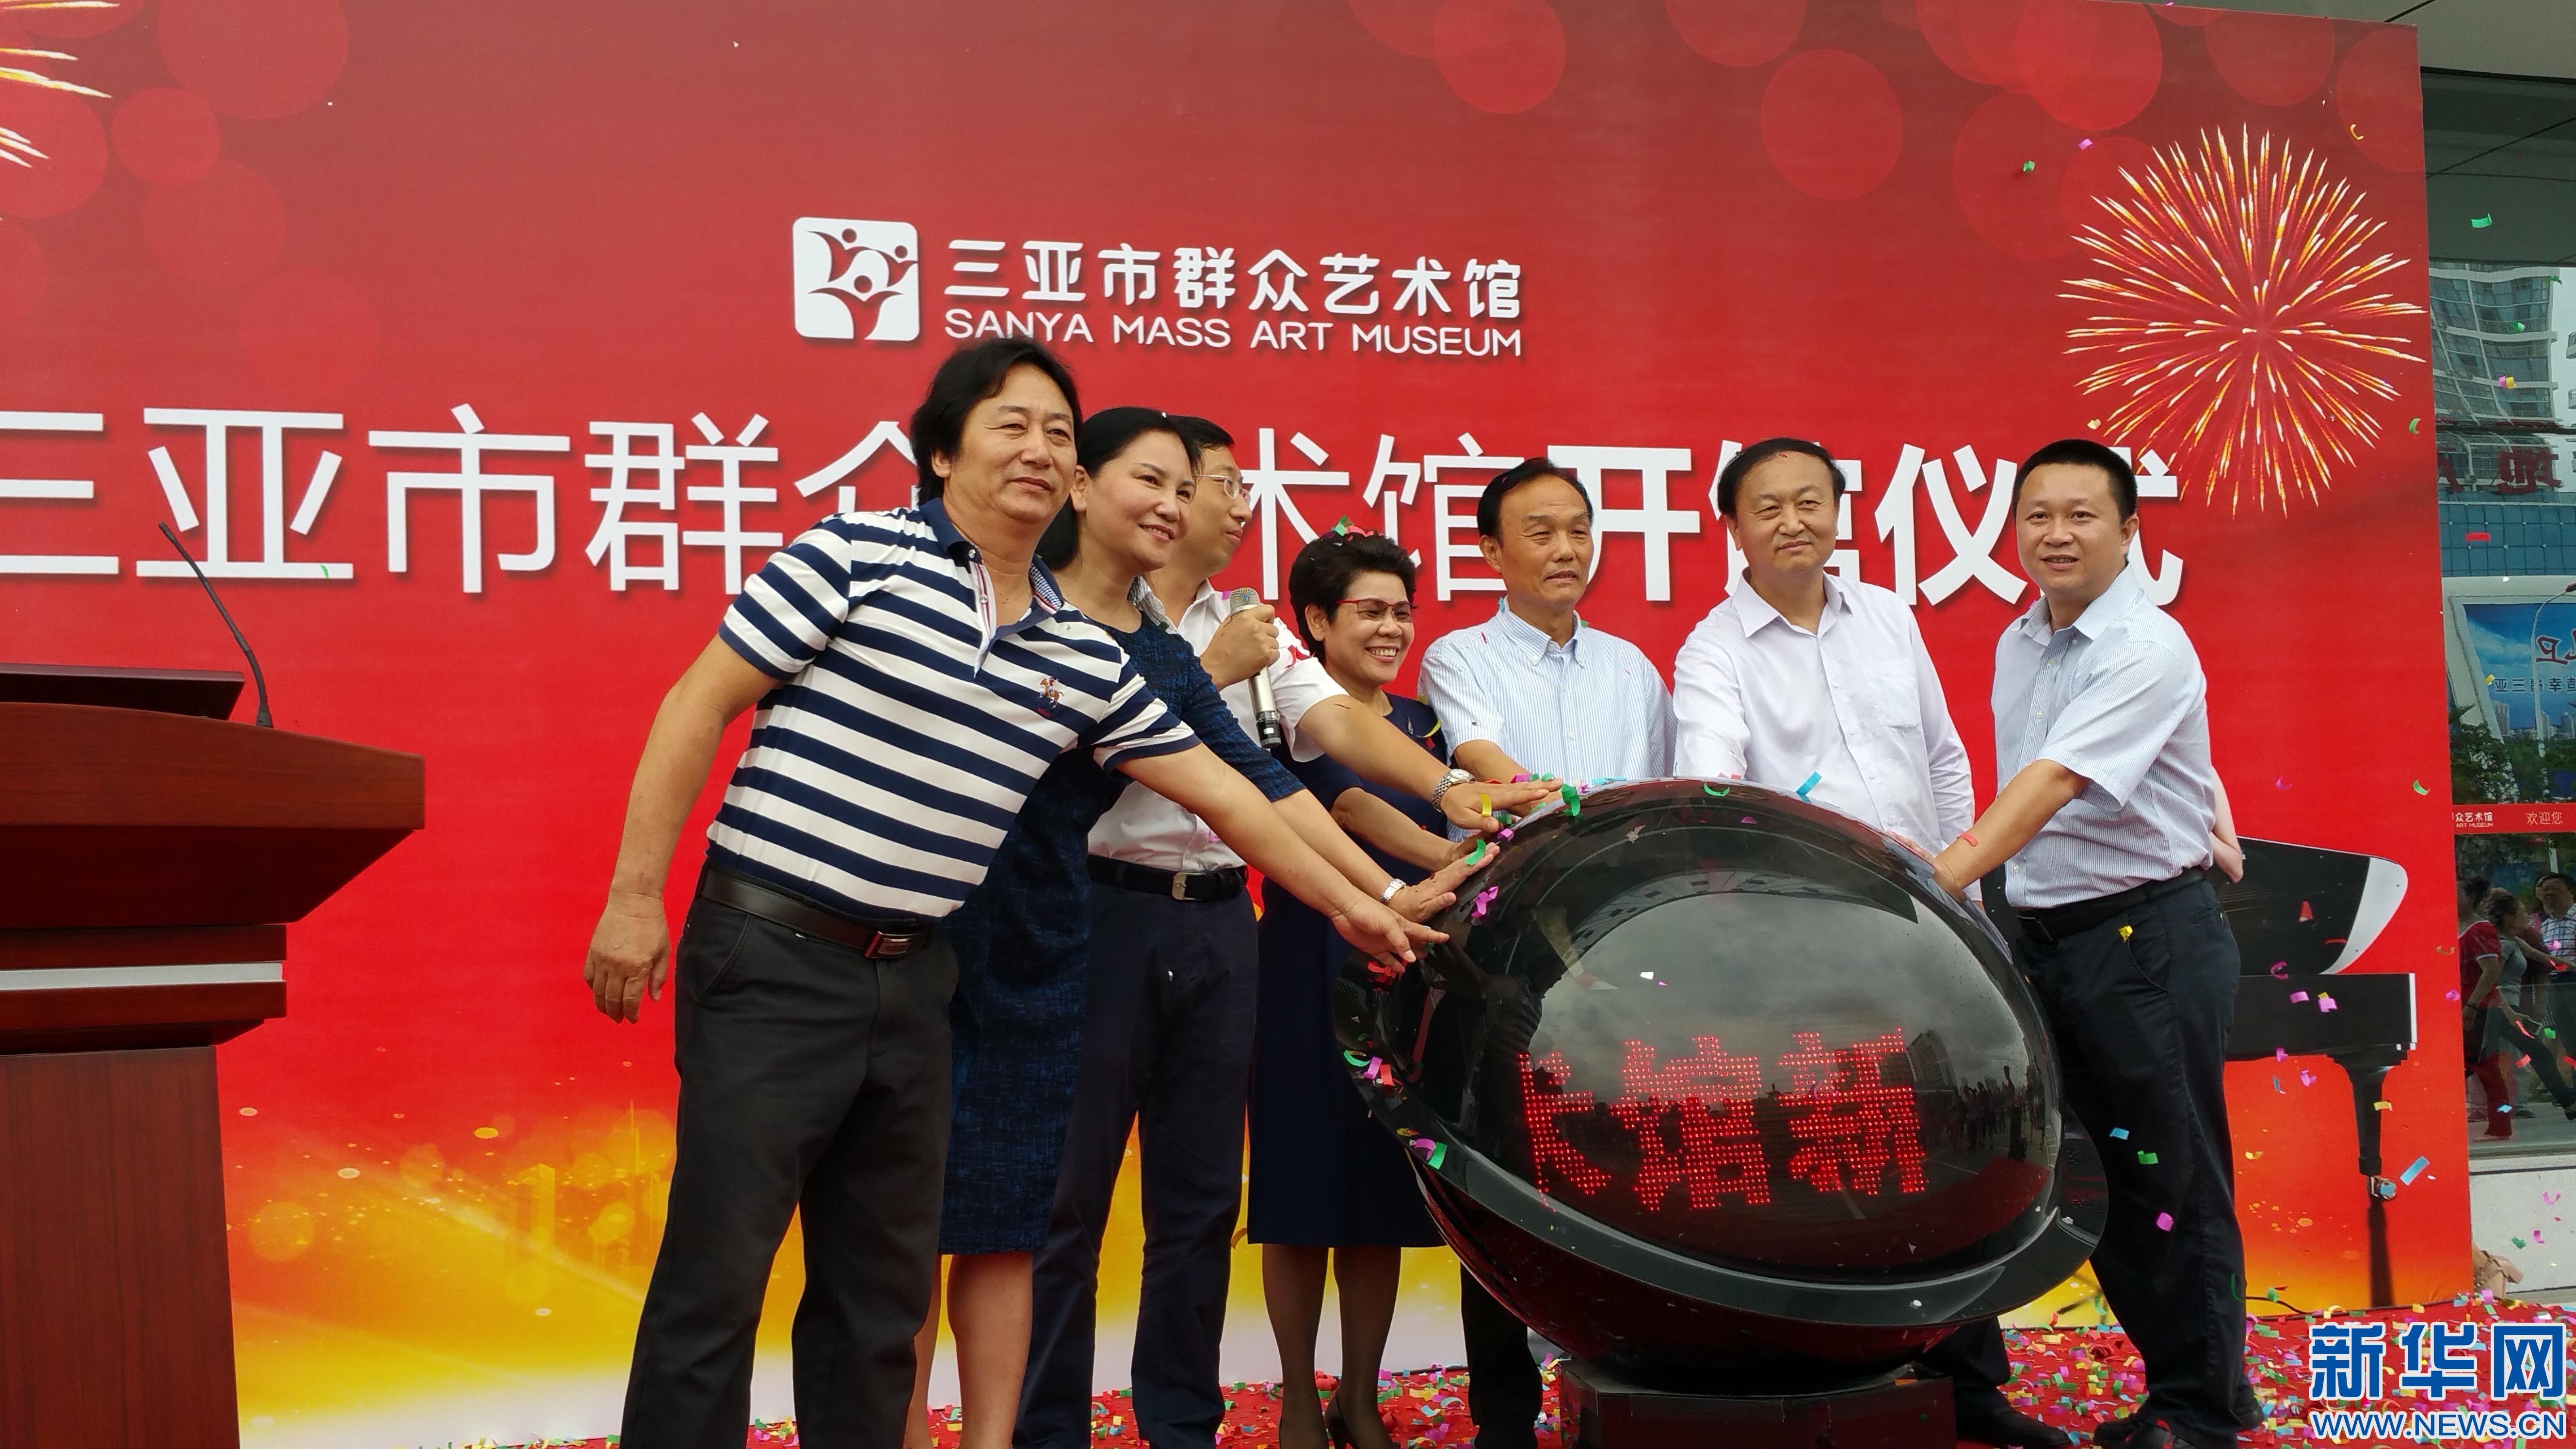 中国鼻烟壶主题展在三亚群众艺术馆开展